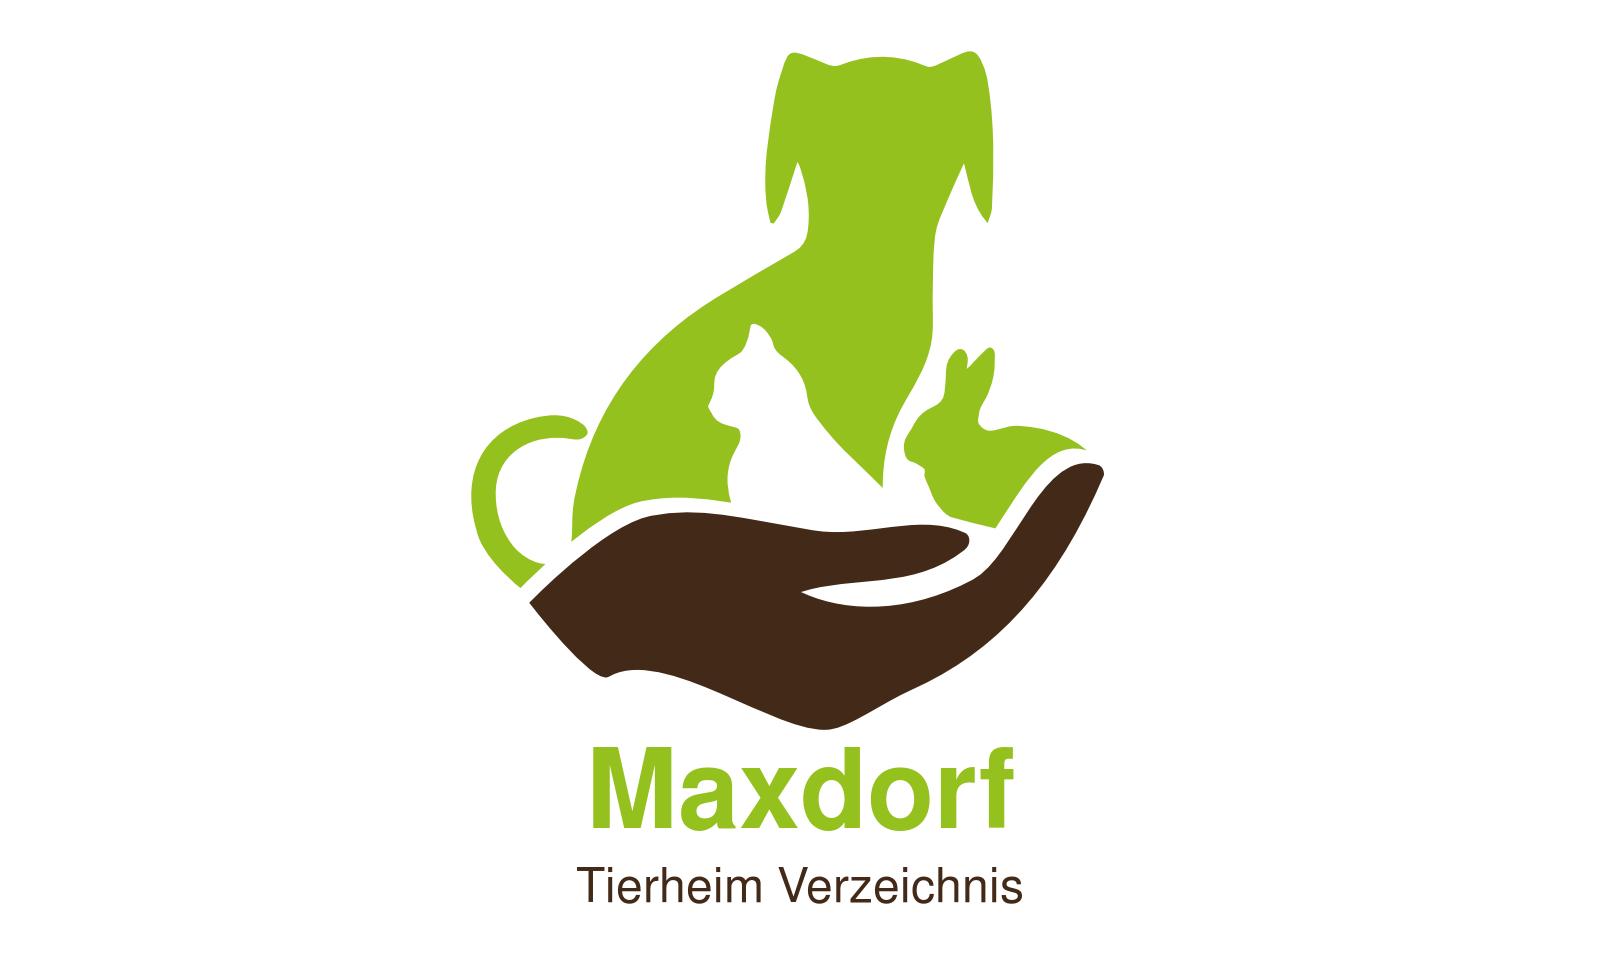 Tierheim Maxdorf